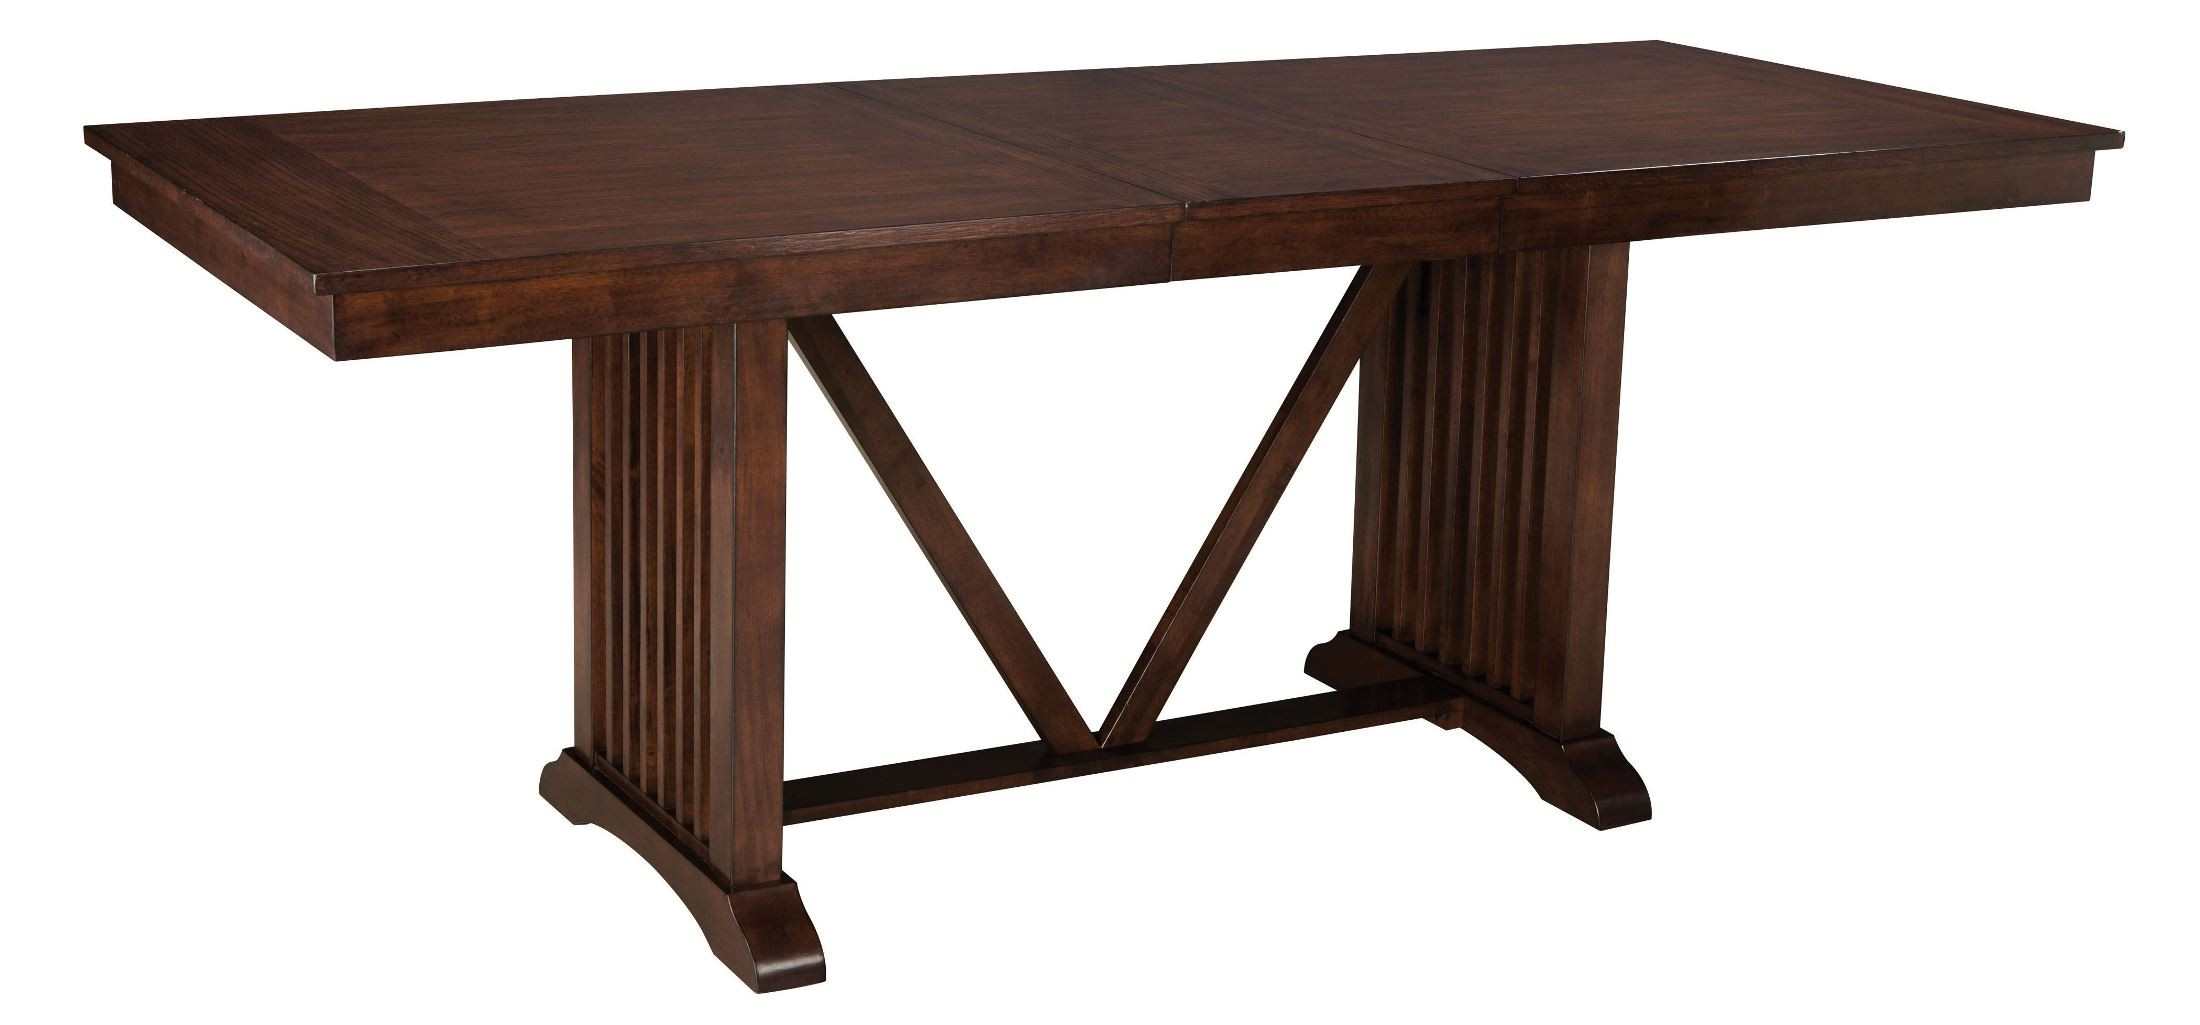 Artisan Loft Warm Medium Oak Rectangle Extending Counter  : 1362013636cthttablesilo from colemanfurniture.com size 2200 x 1025 jpeg 168kB